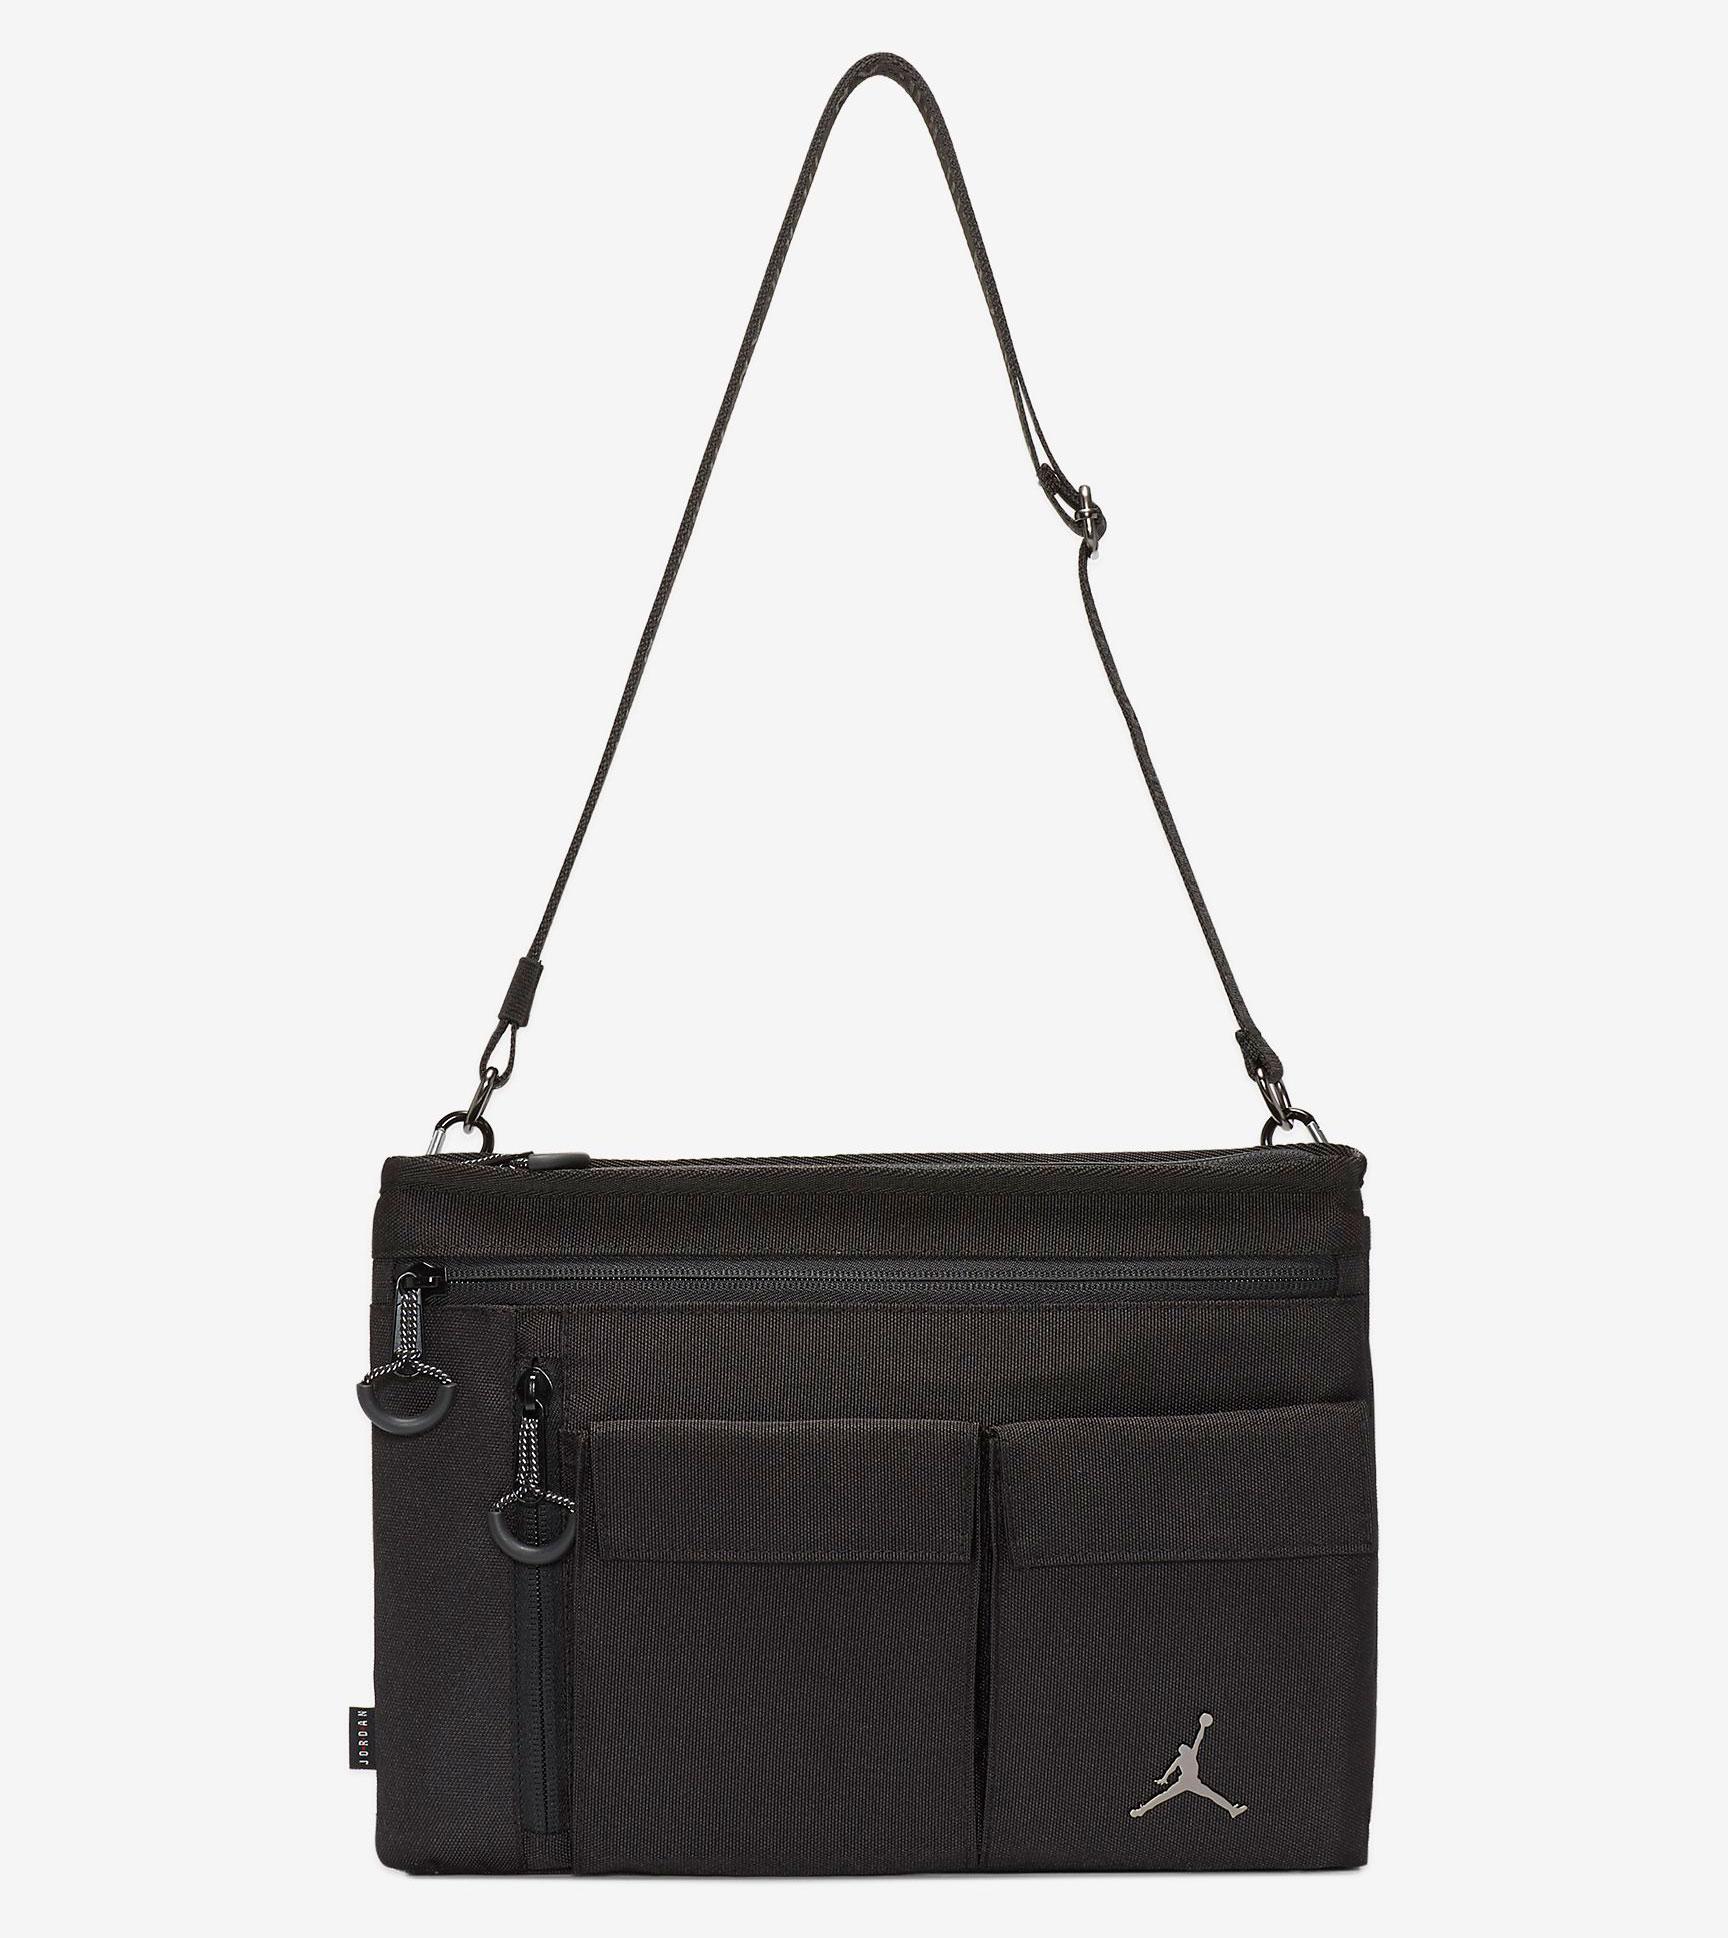 jordan-womens-black-shoulder-bag